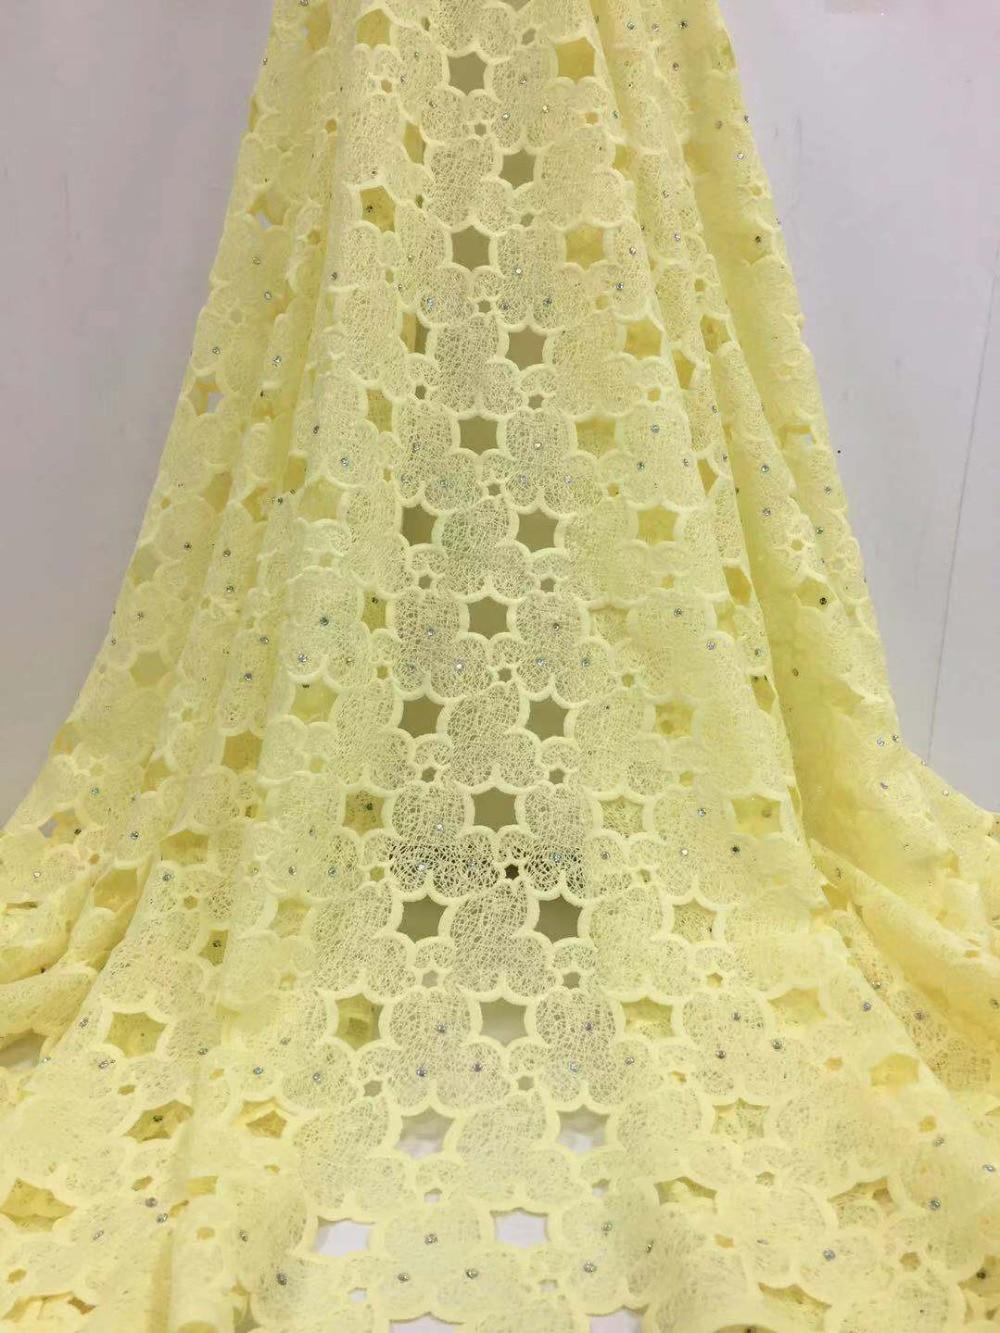 5 yards/lot Hoge kwaliteit nigeriaanse bruiloft afrikaanse kant stoffen/meest populaire guipure koord kant stof voor bruiloft jurk FC17-in Kant van Huis & Tuin op  Groep 1